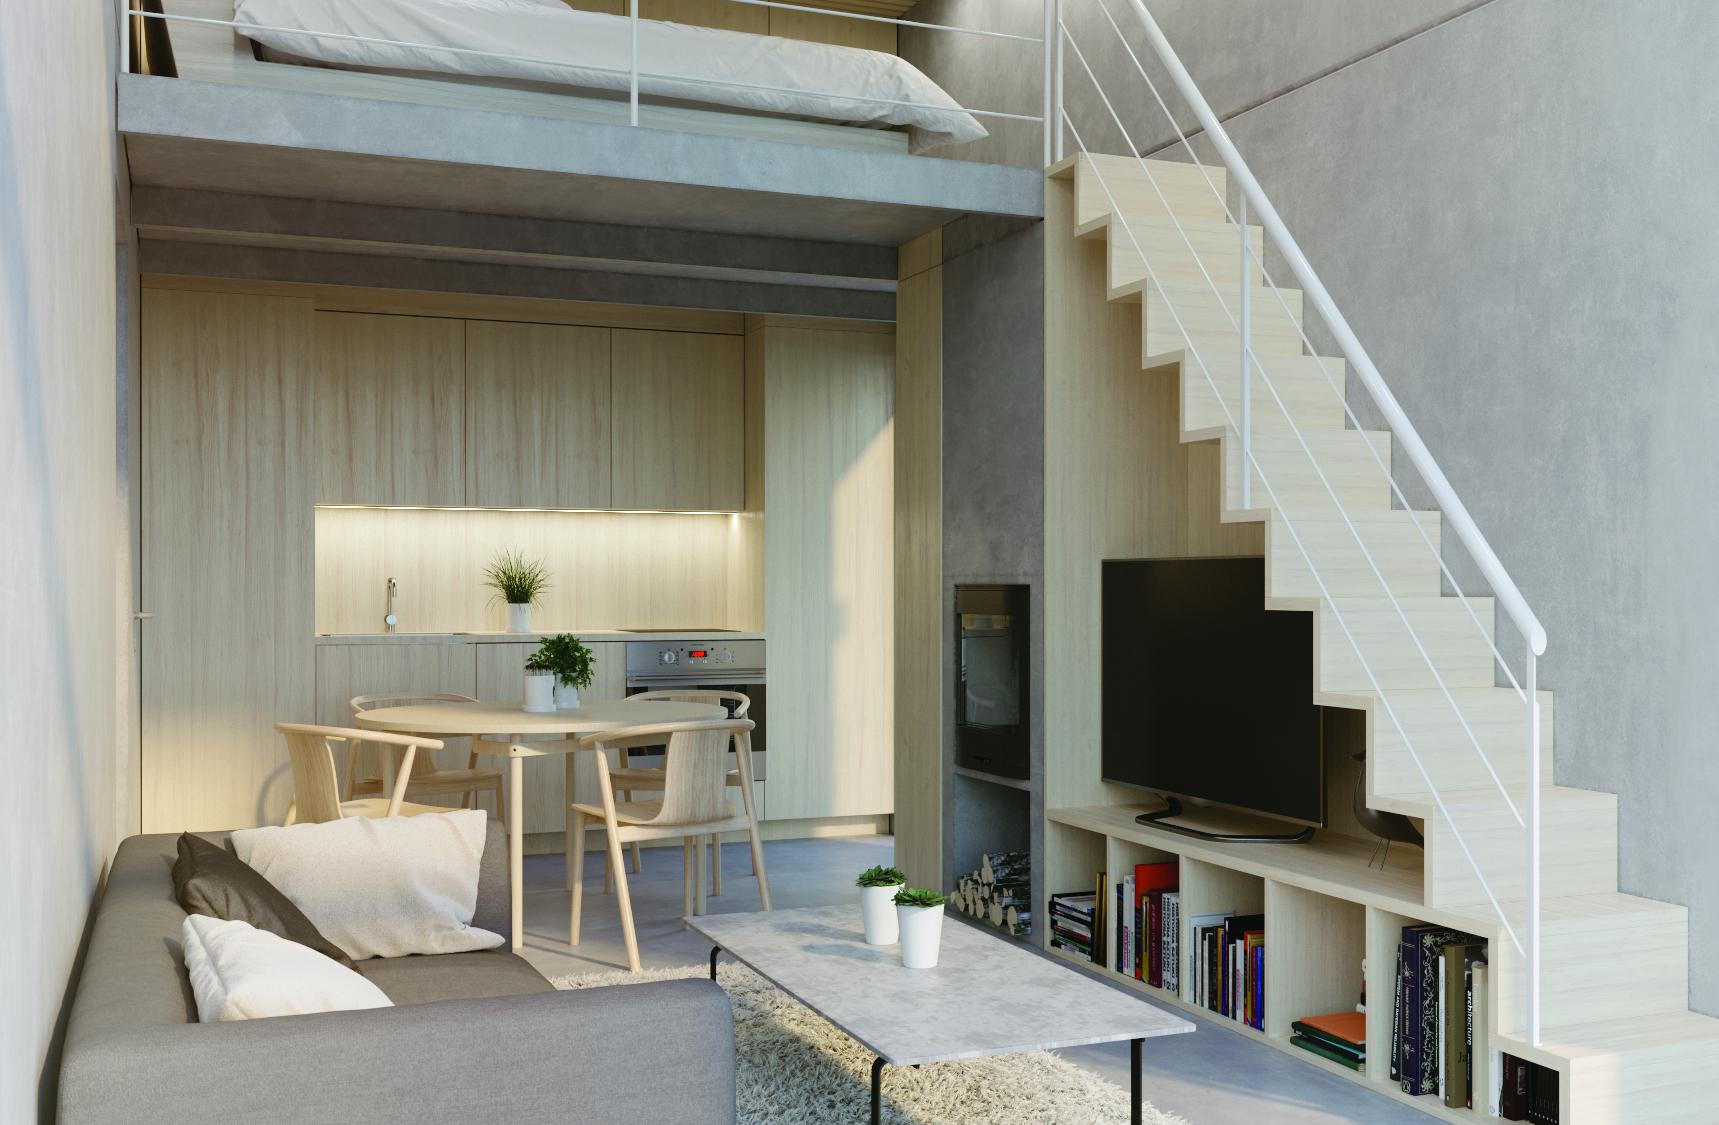 Salone Stile Moderno Con Parquet E Vetrate Internal Design : Arredare mansarda con tetto a vetri la scelta giusta è